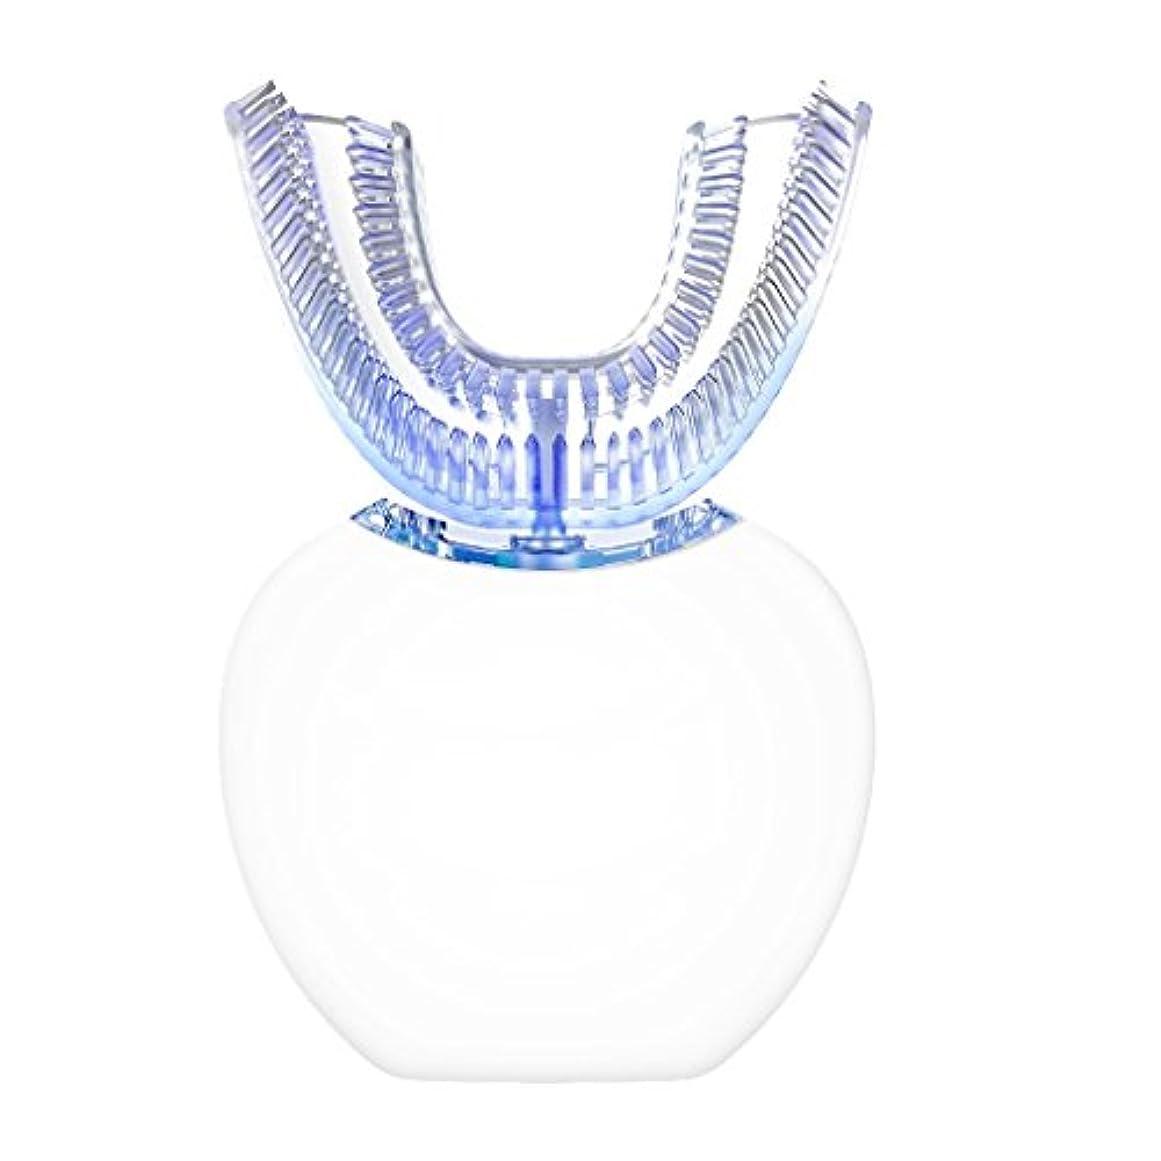 うめき声全体デイジー自動電動歯ブラシ、怠惰な人向けに設計されたNatood 360度自動歯ブラシ、ブルーレイホワイトニング機能とマッサージ機能付き , white